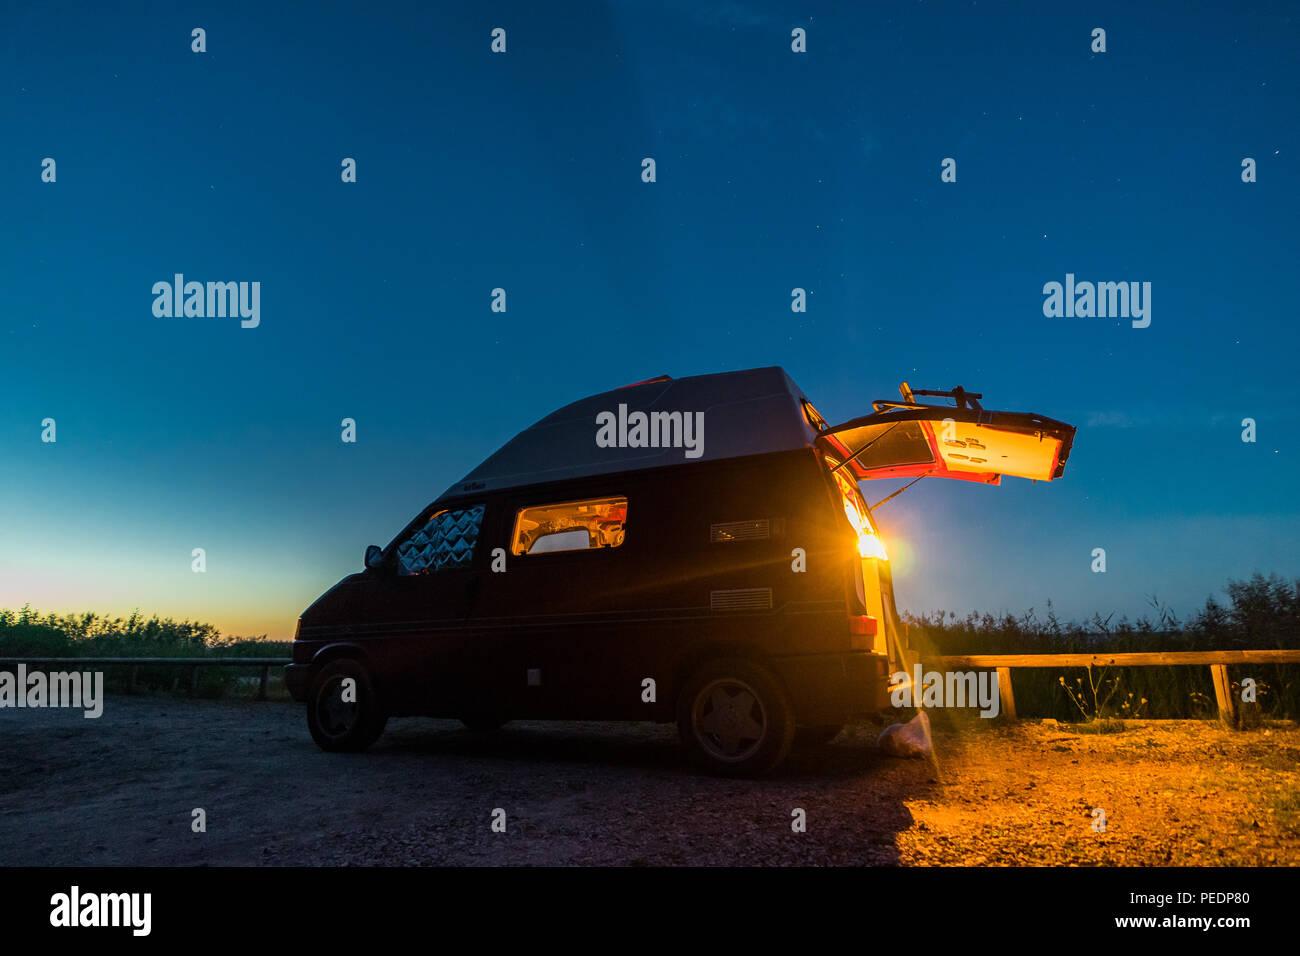 Litauen - August 2018: VW Transporter T4 in der Nacht auf einem Campingplatz in Litauen mit Licht im Inneren. Blick in Richtung Himmel und Sterne im backgrou Stockbild